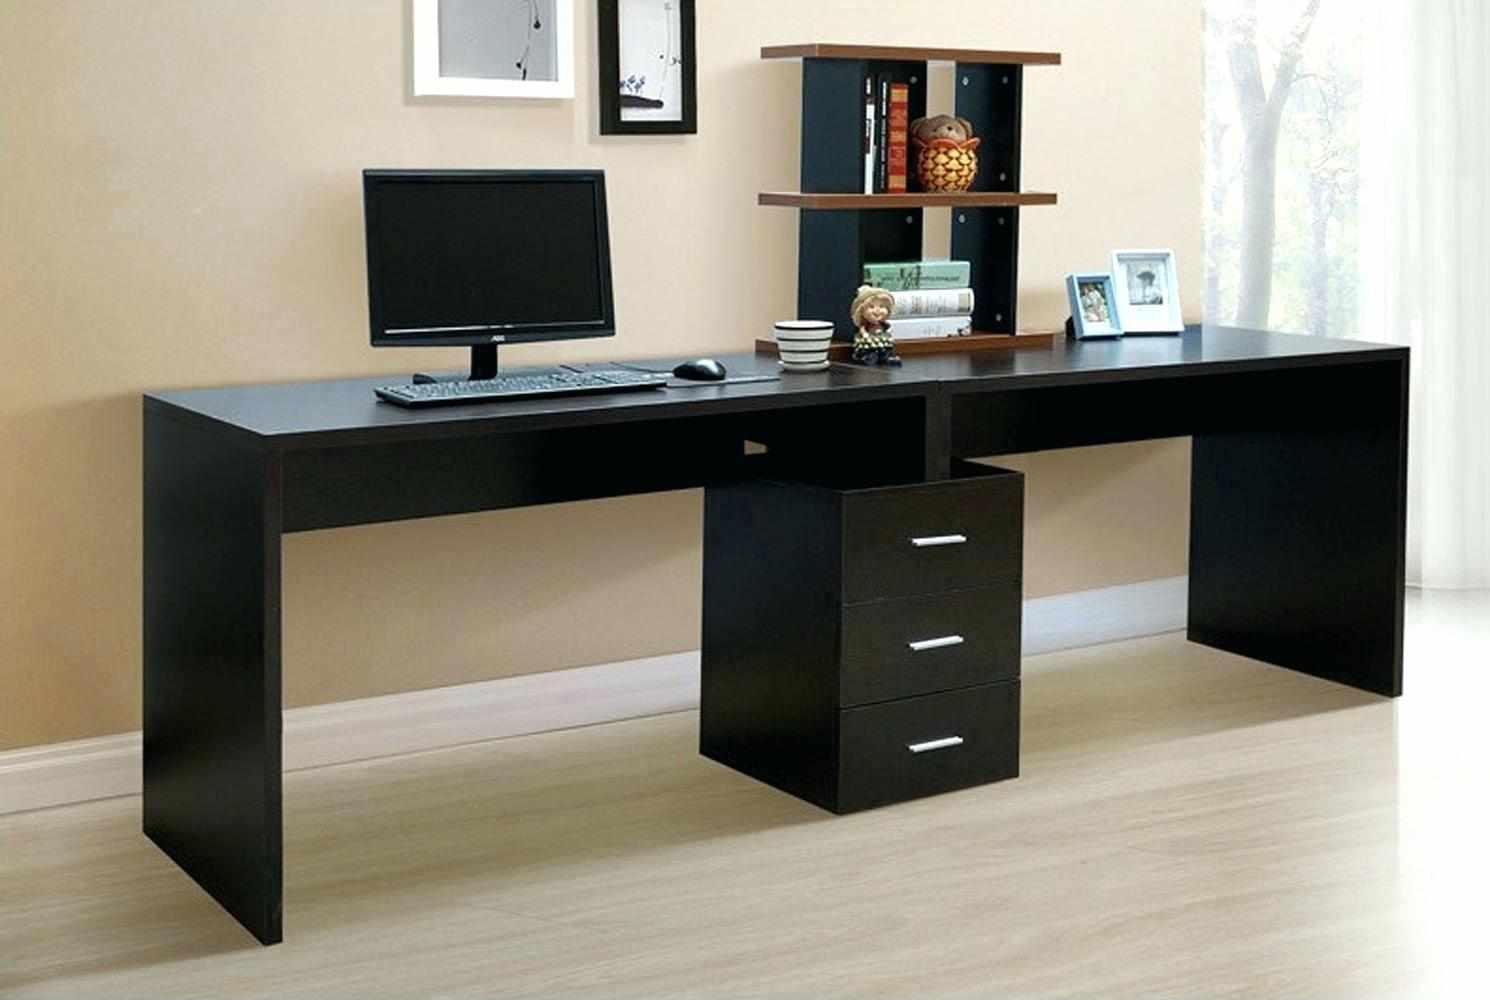 Письменный стол на два рабочих места в интерьере